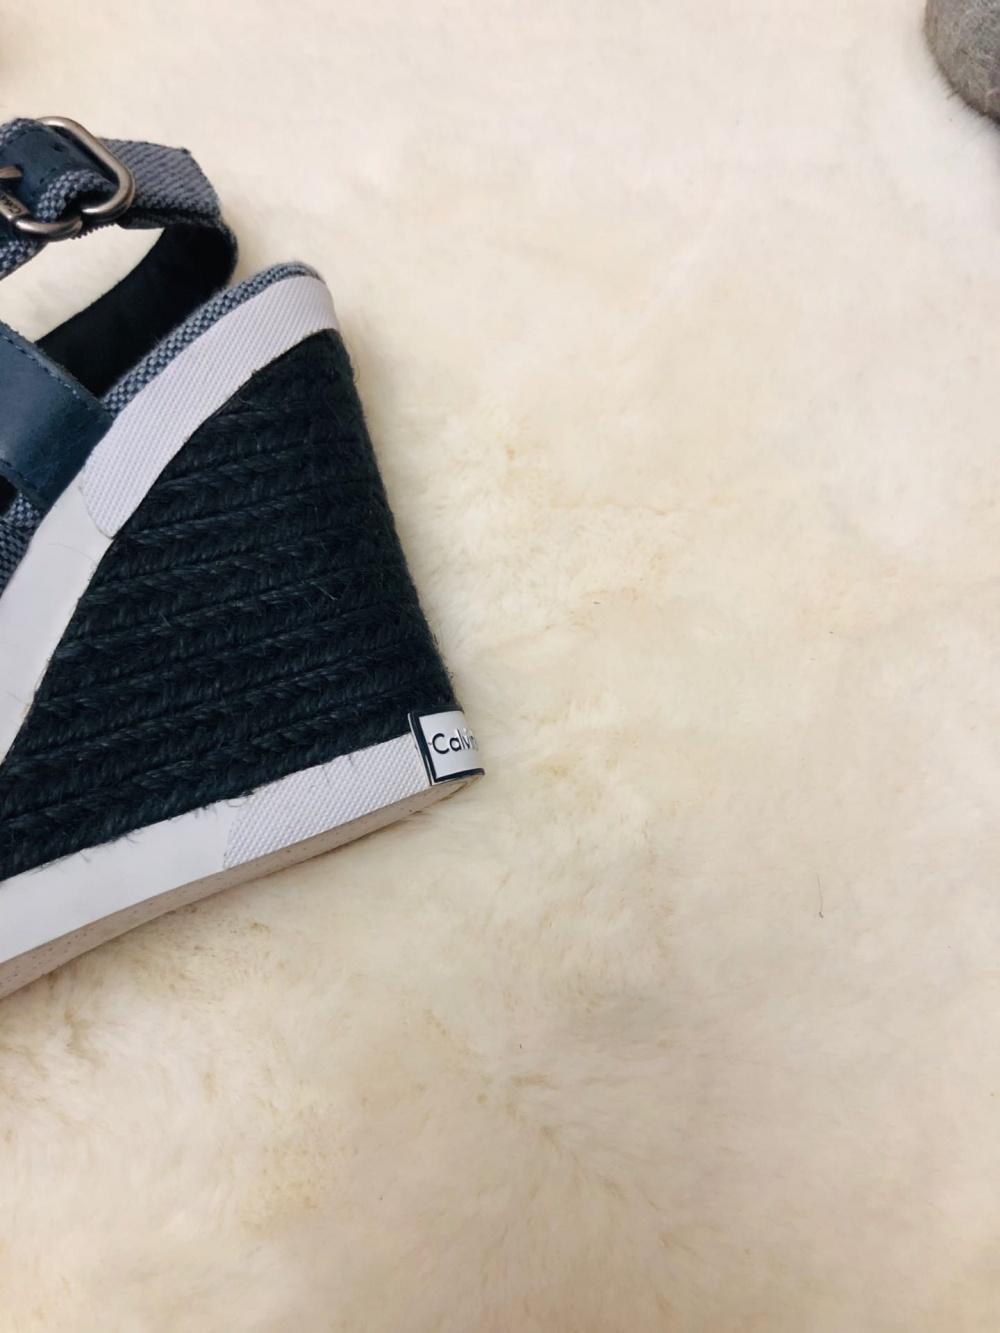 Босоножки Calvin Klein.Размер 35-36.